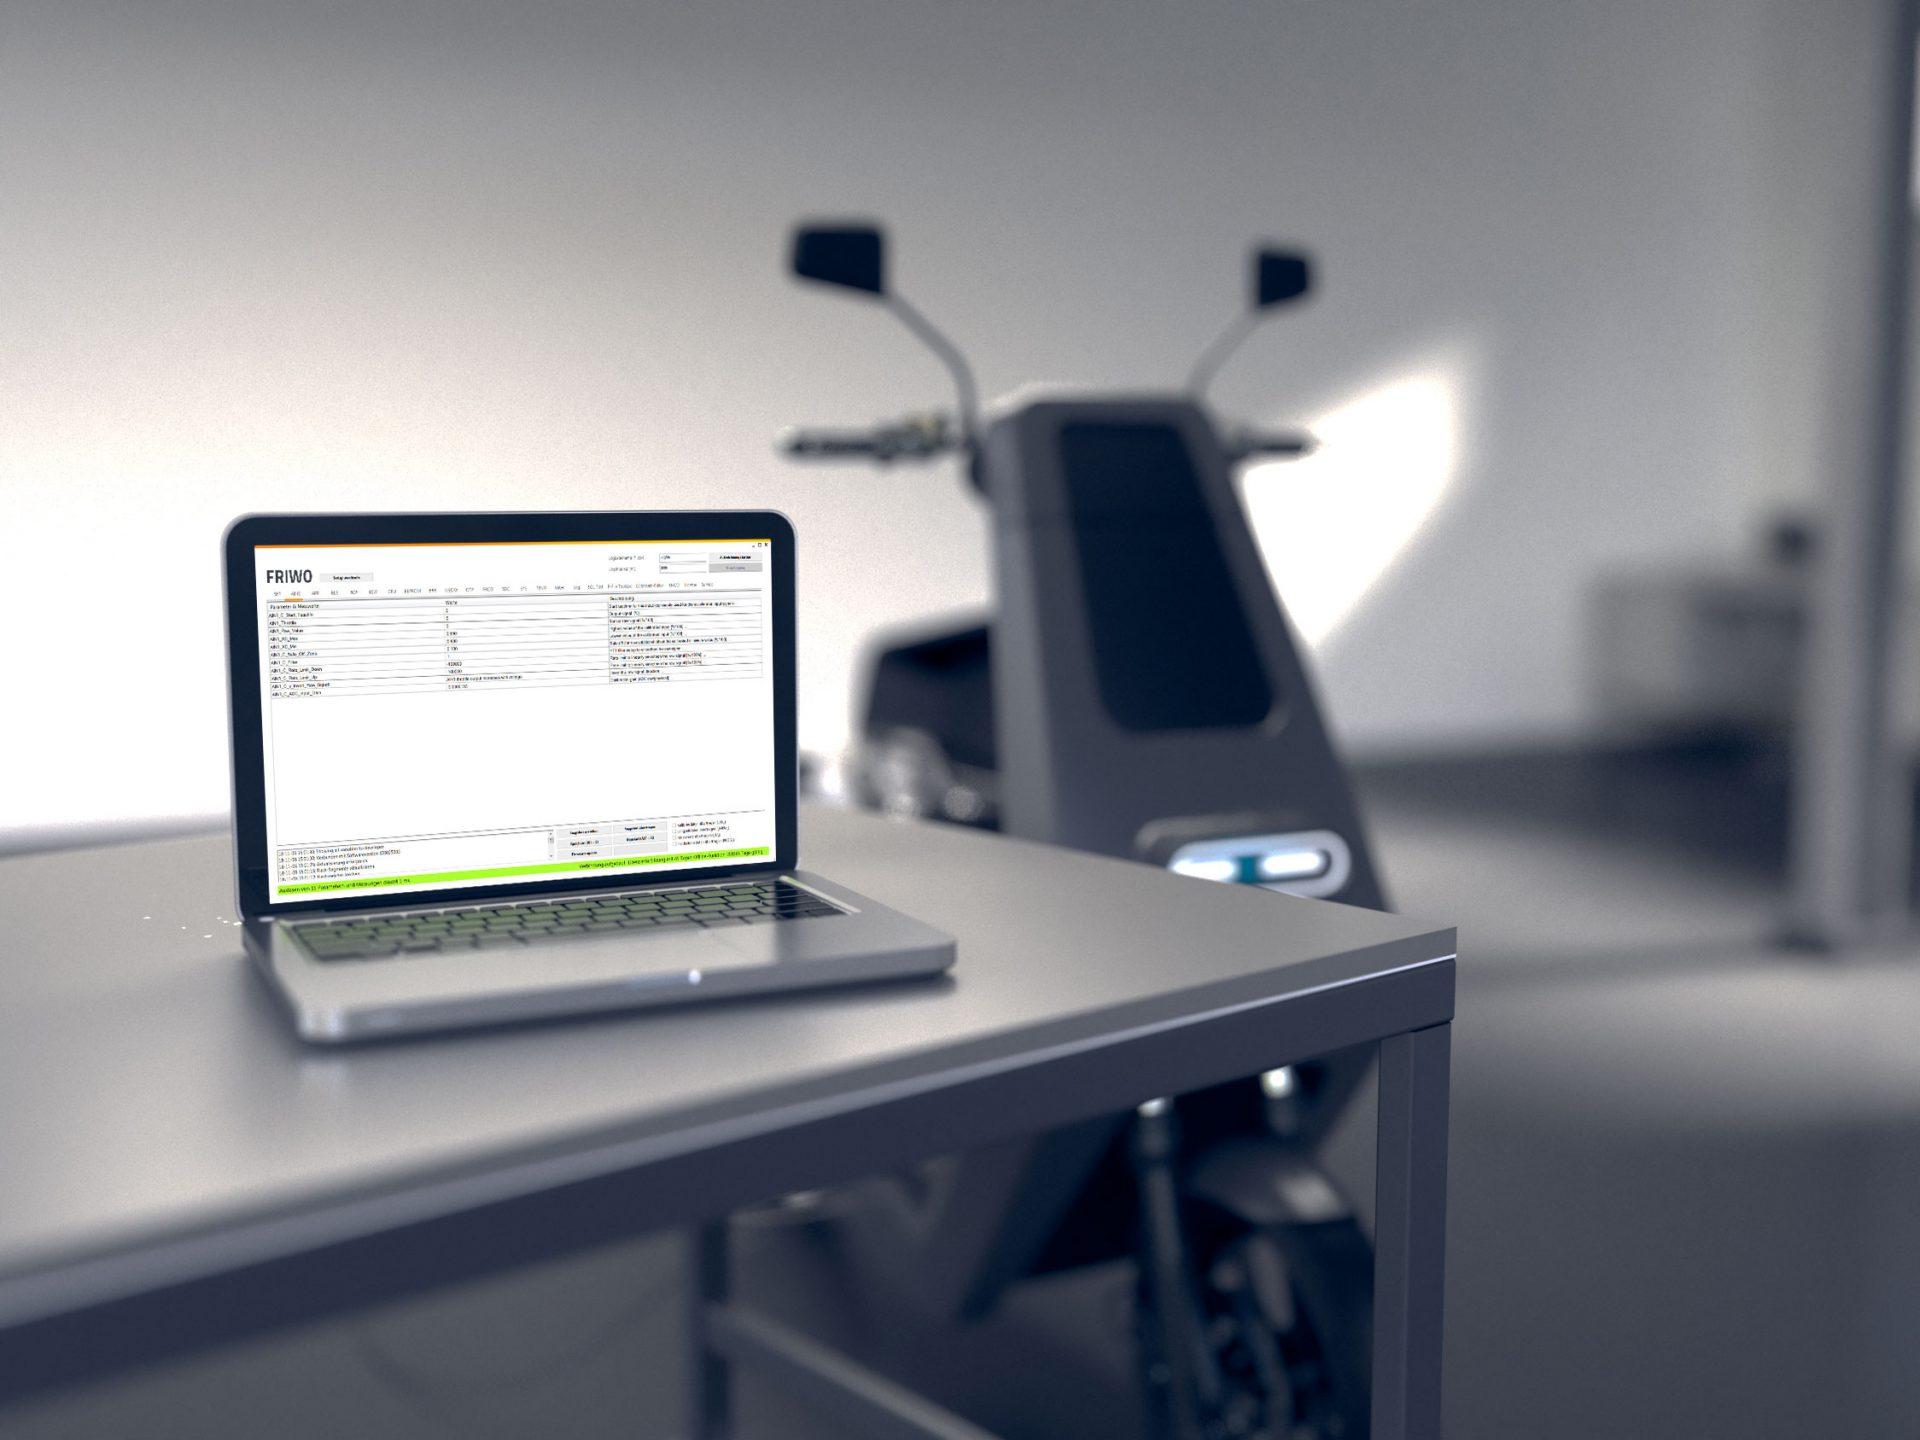 Laptop mit Emerge Software und Elektroroller